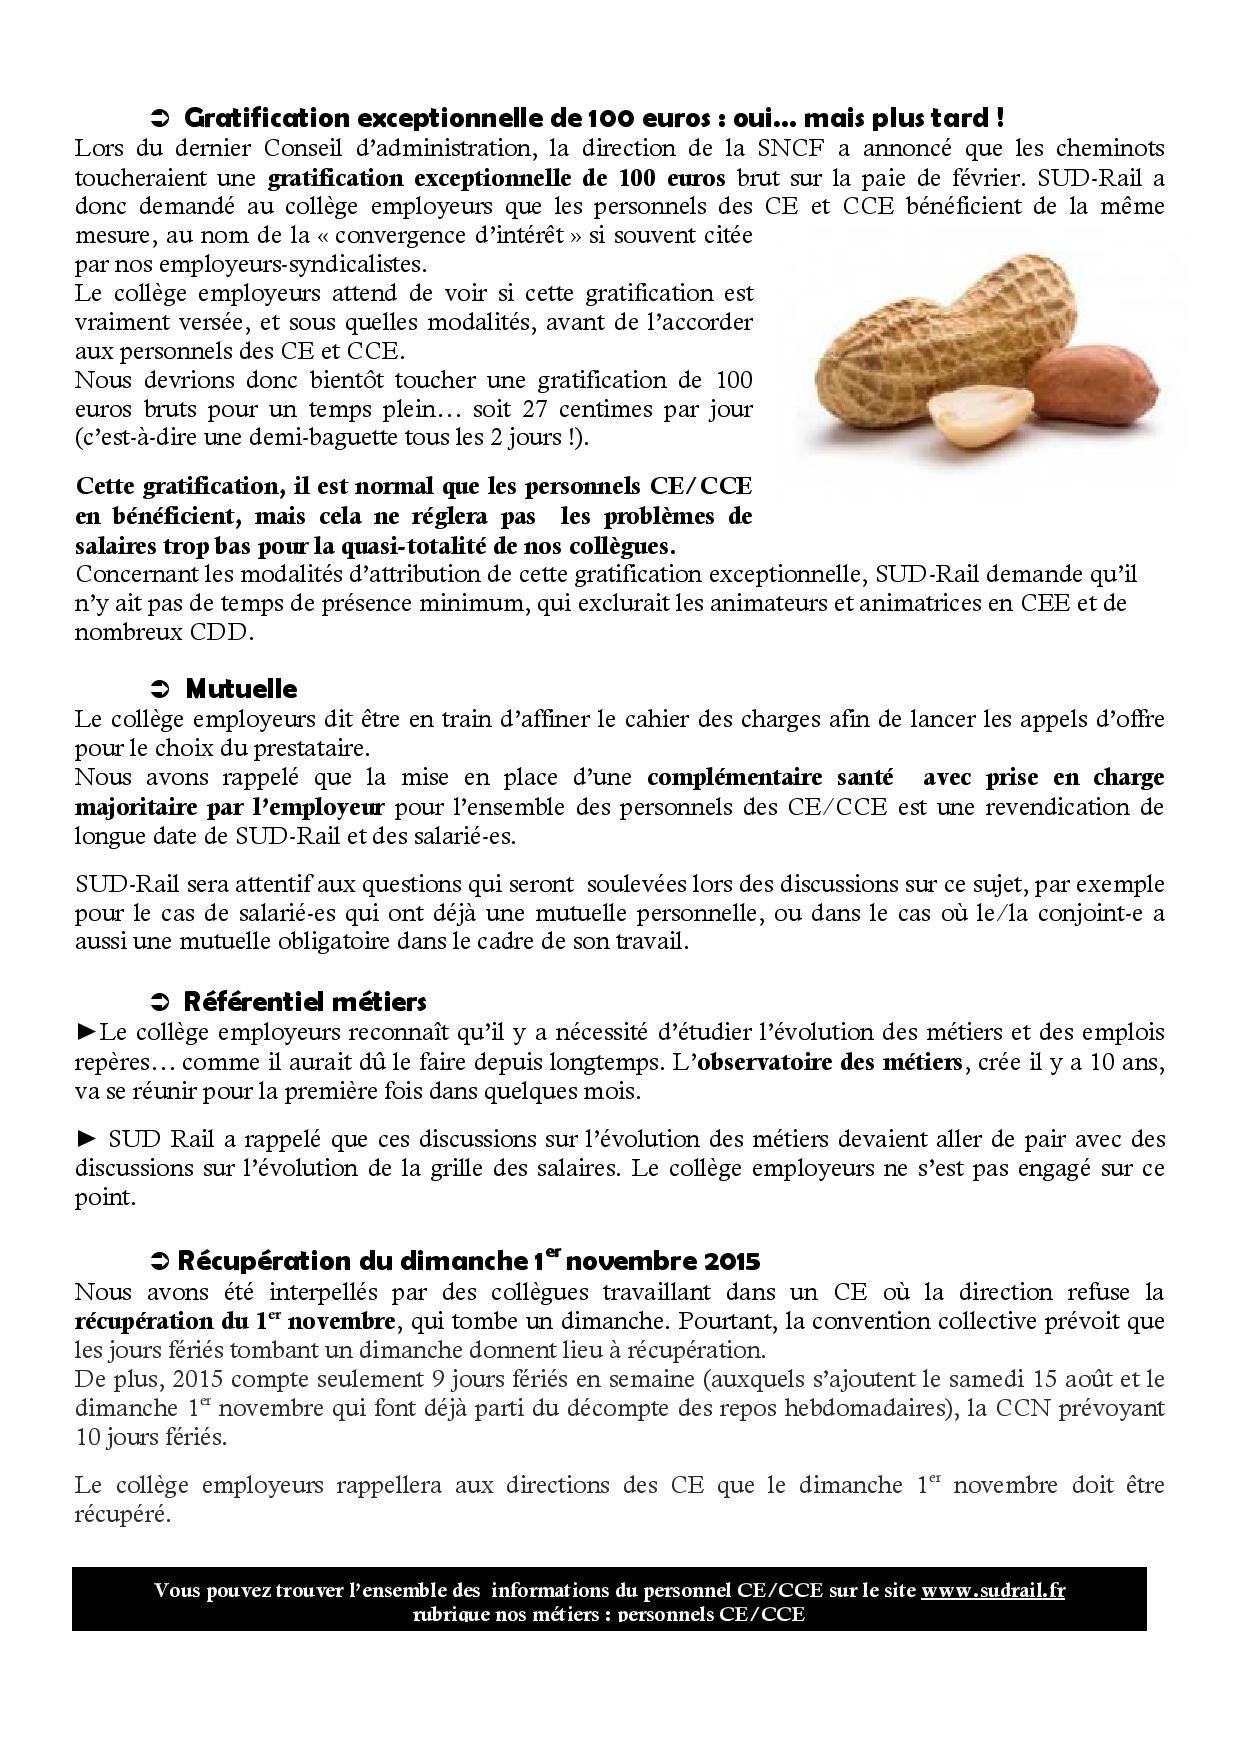 ce-cce com paritaire 02-2015-page-002